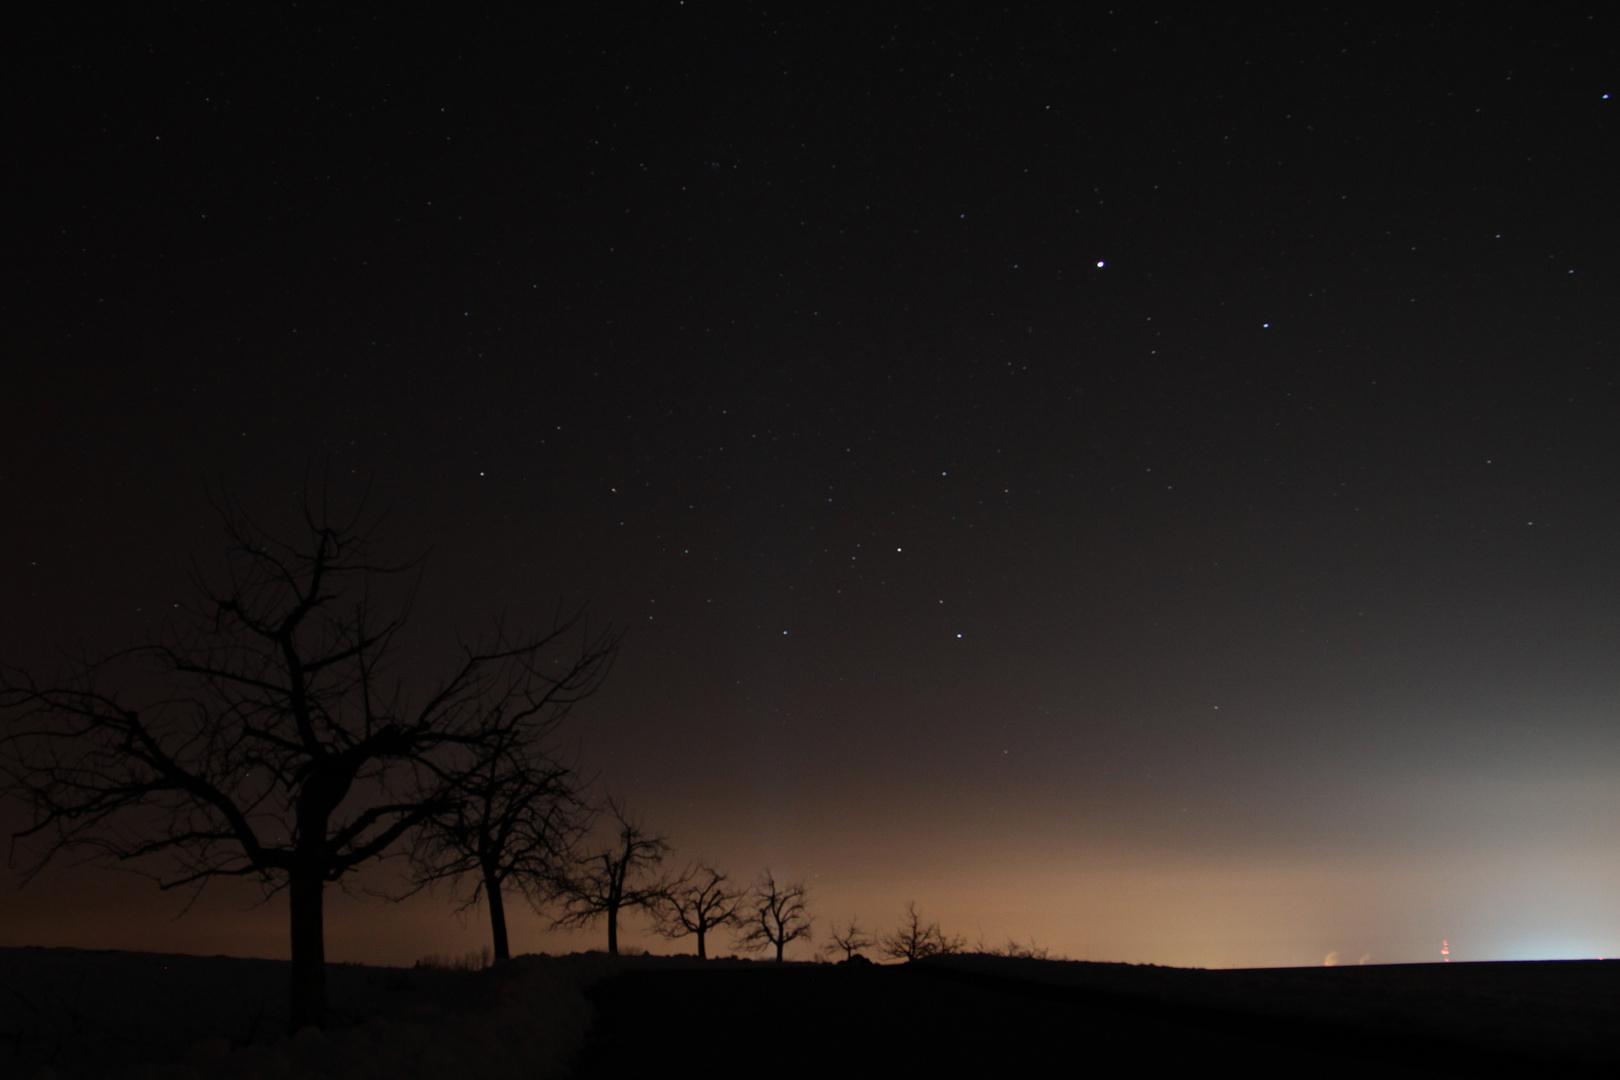 Die Stadt erhellt die Nacht